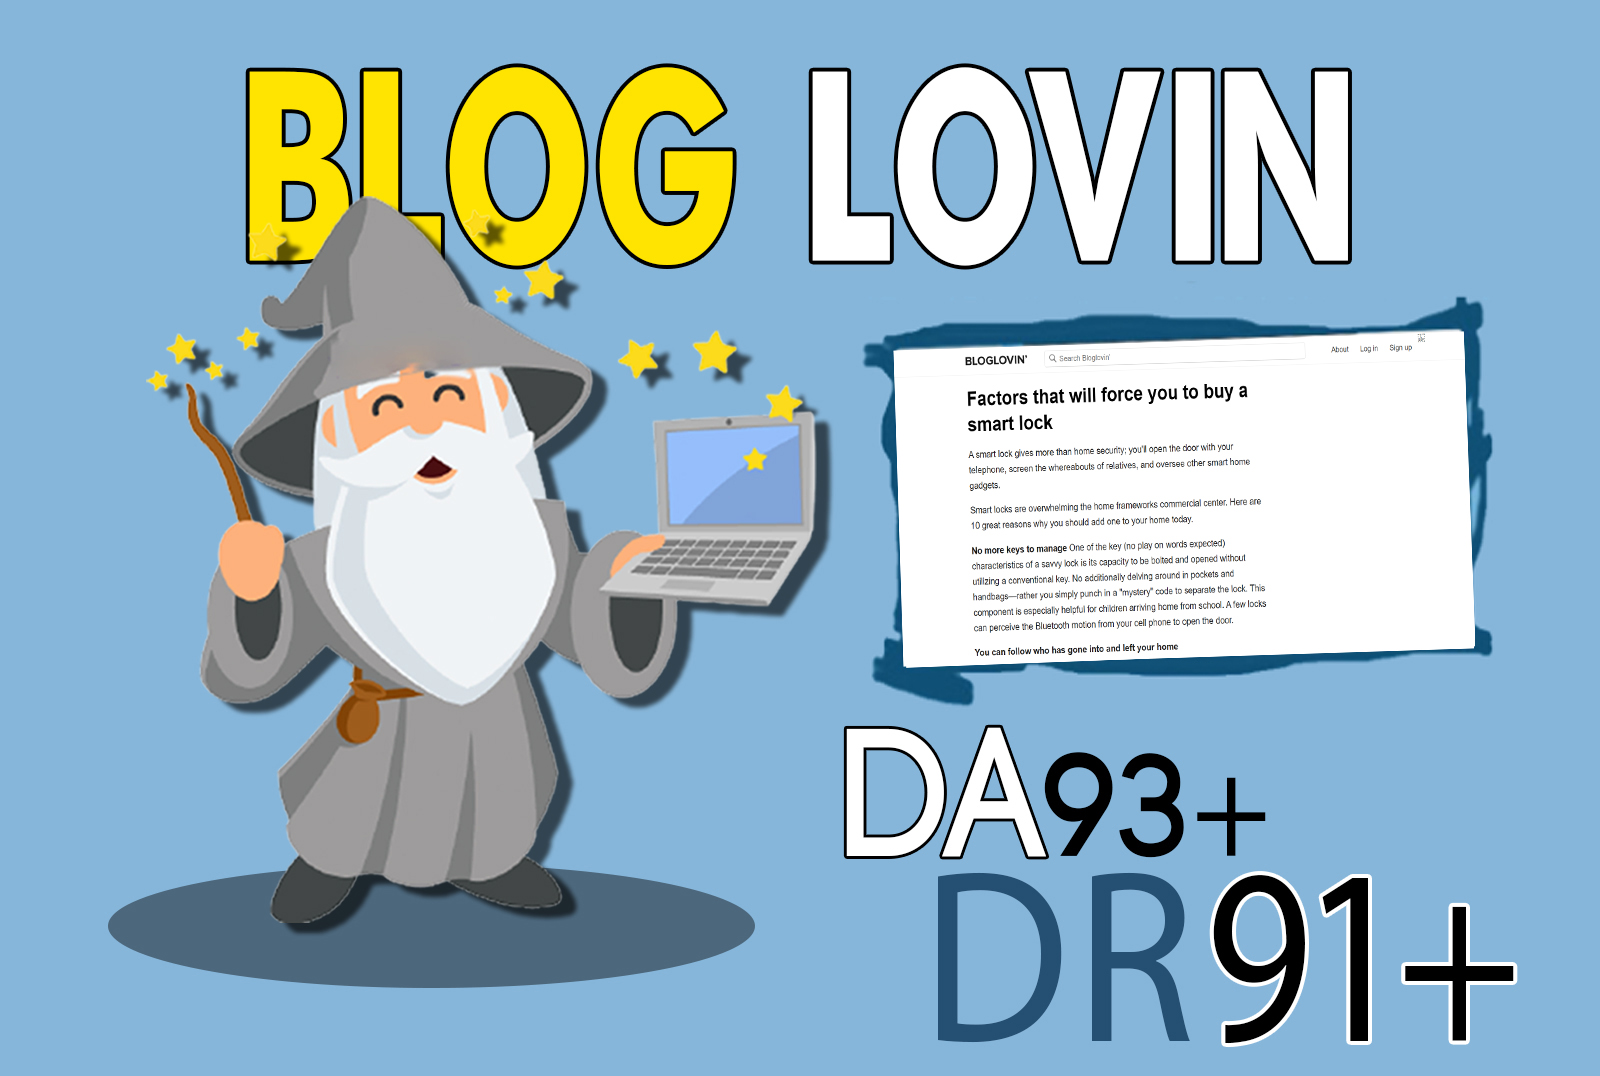 publish your article on bloglovin. com da 93 dofollow backlink